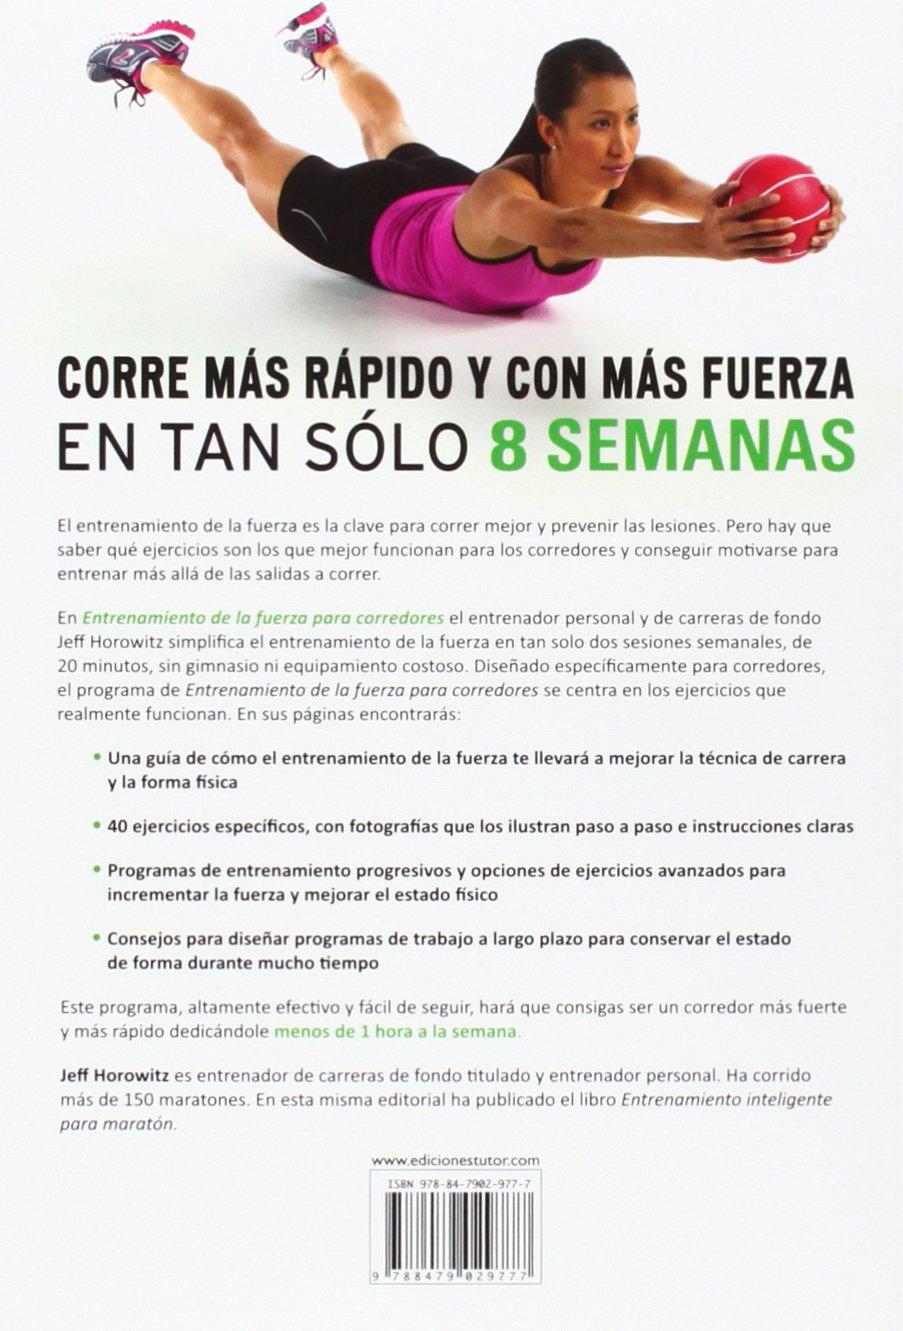 Entrenamiento de la fuerza para corredores : 8 semanas para mejorar el cuerpo del corredor: Jeff Horowitz: 9788479029777: Amazon.com: Books